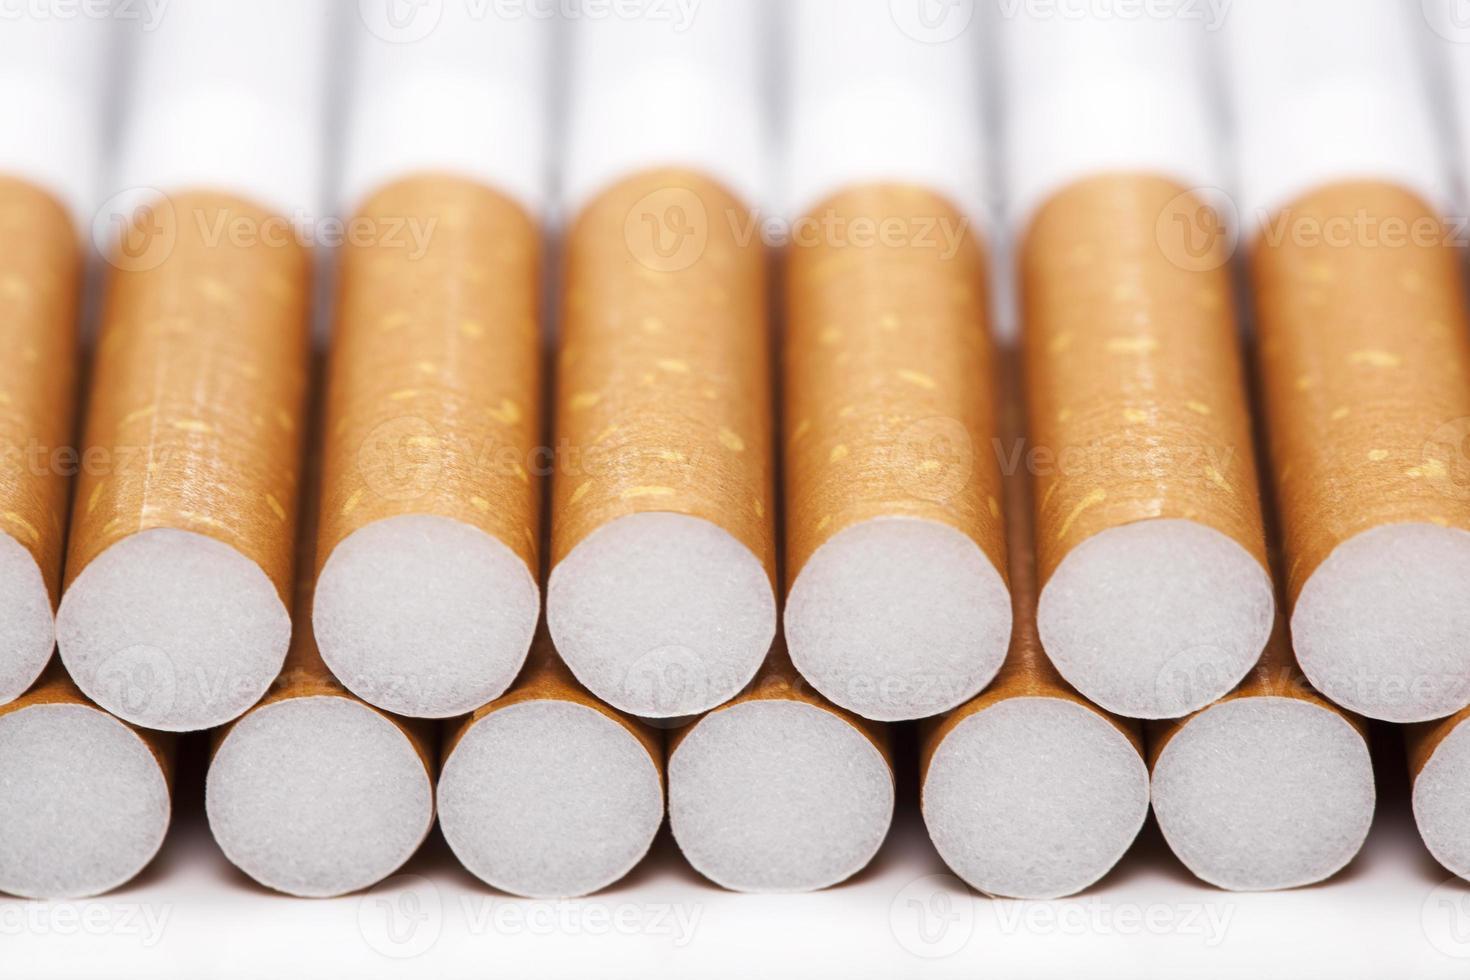 cigarrillos, aislados en un blanco foto